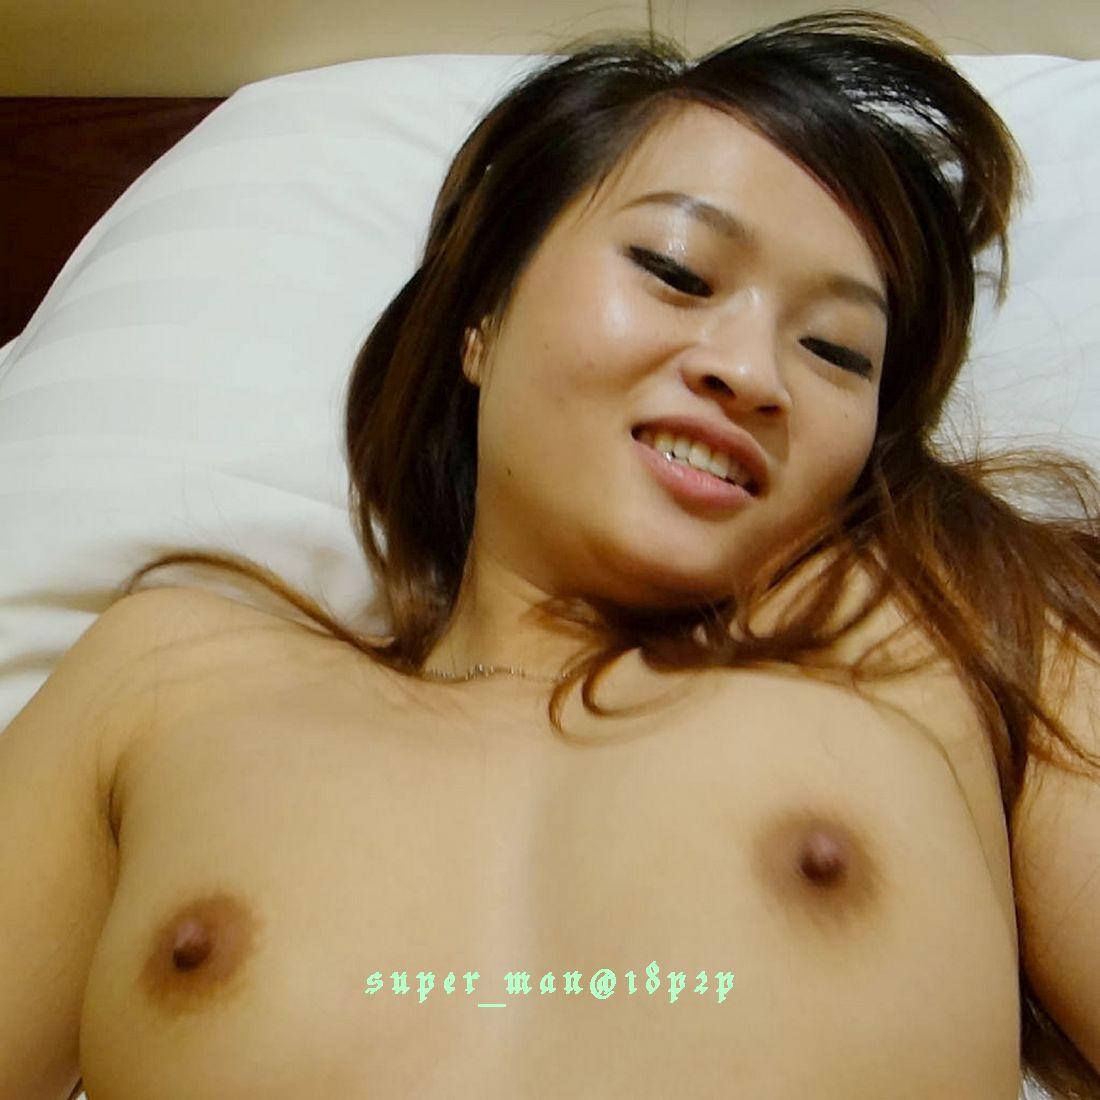 cewek china cantik lagi pose seksidan bugil di kamr hotel.cewek asia telanjang pamer memek dan toket cilik